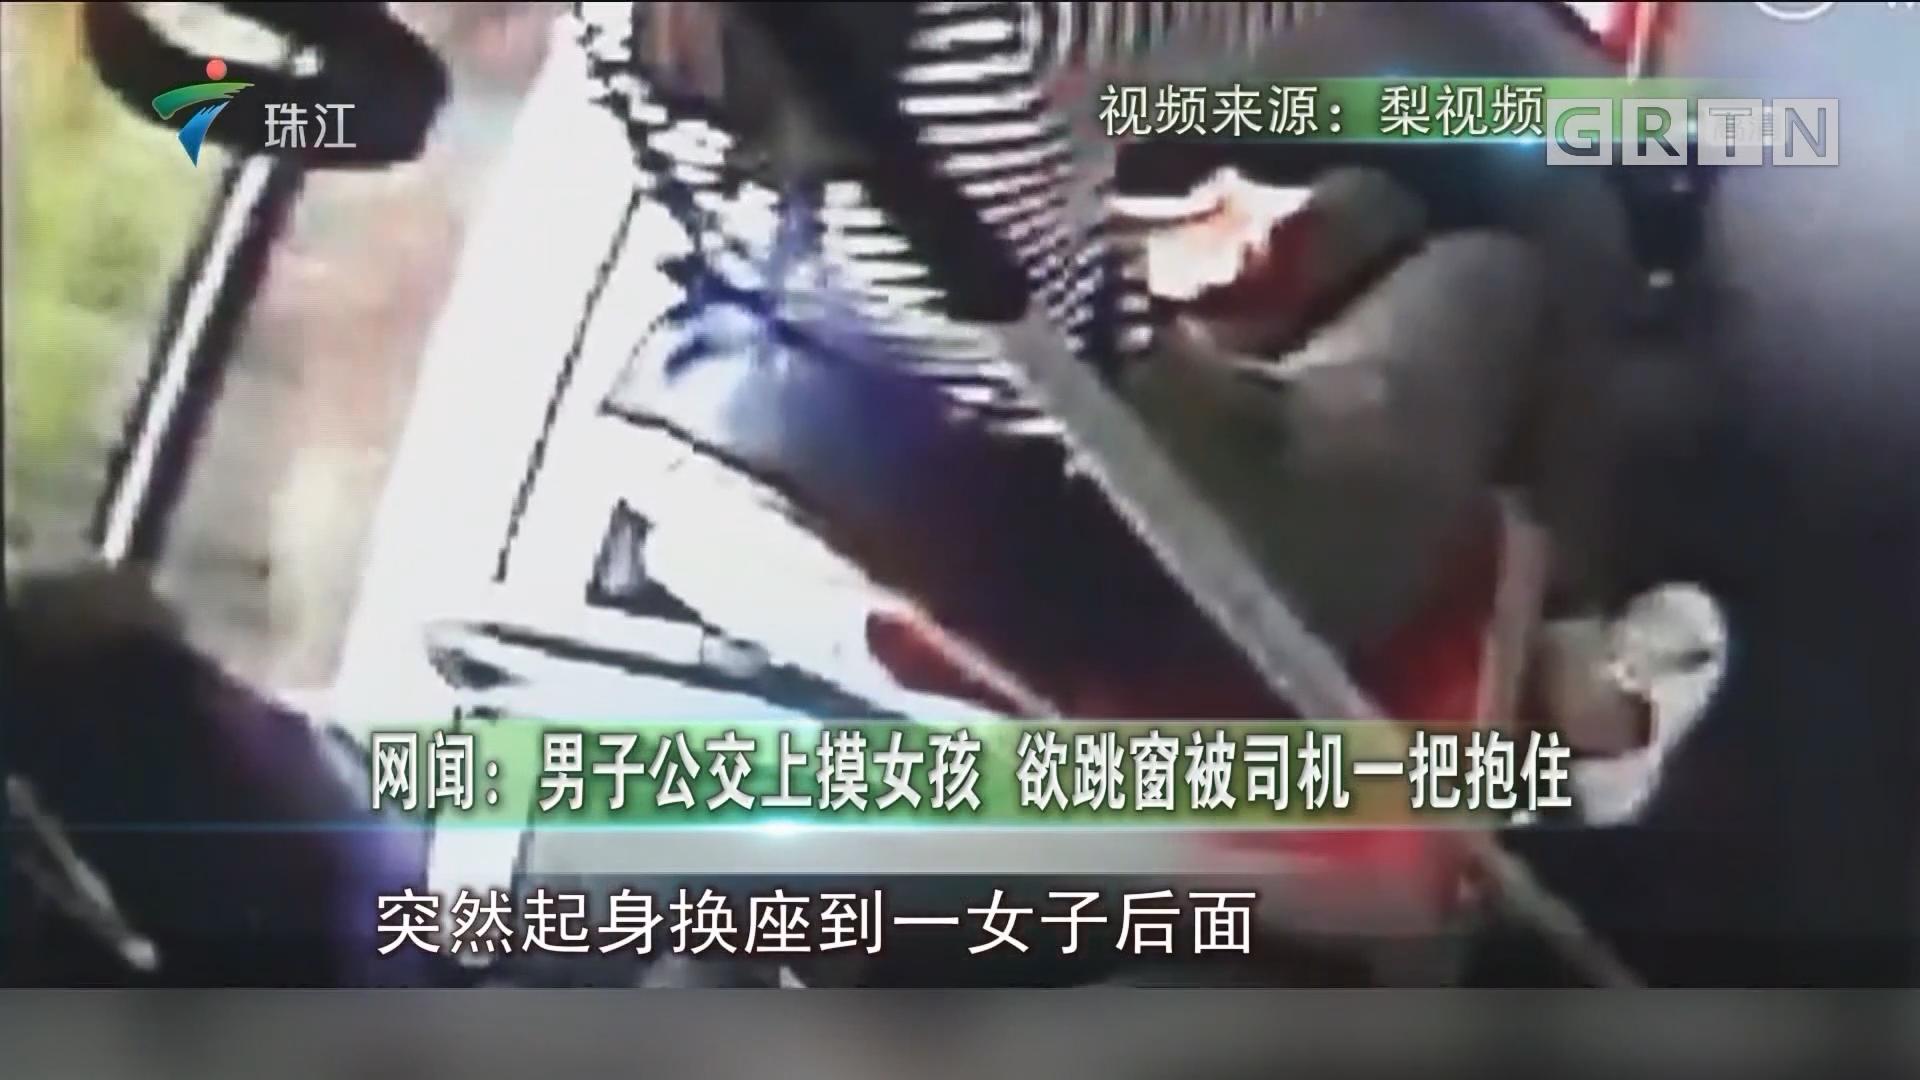 网闻:男子公交上摸女孩 欲跳窗被司机一把抱住